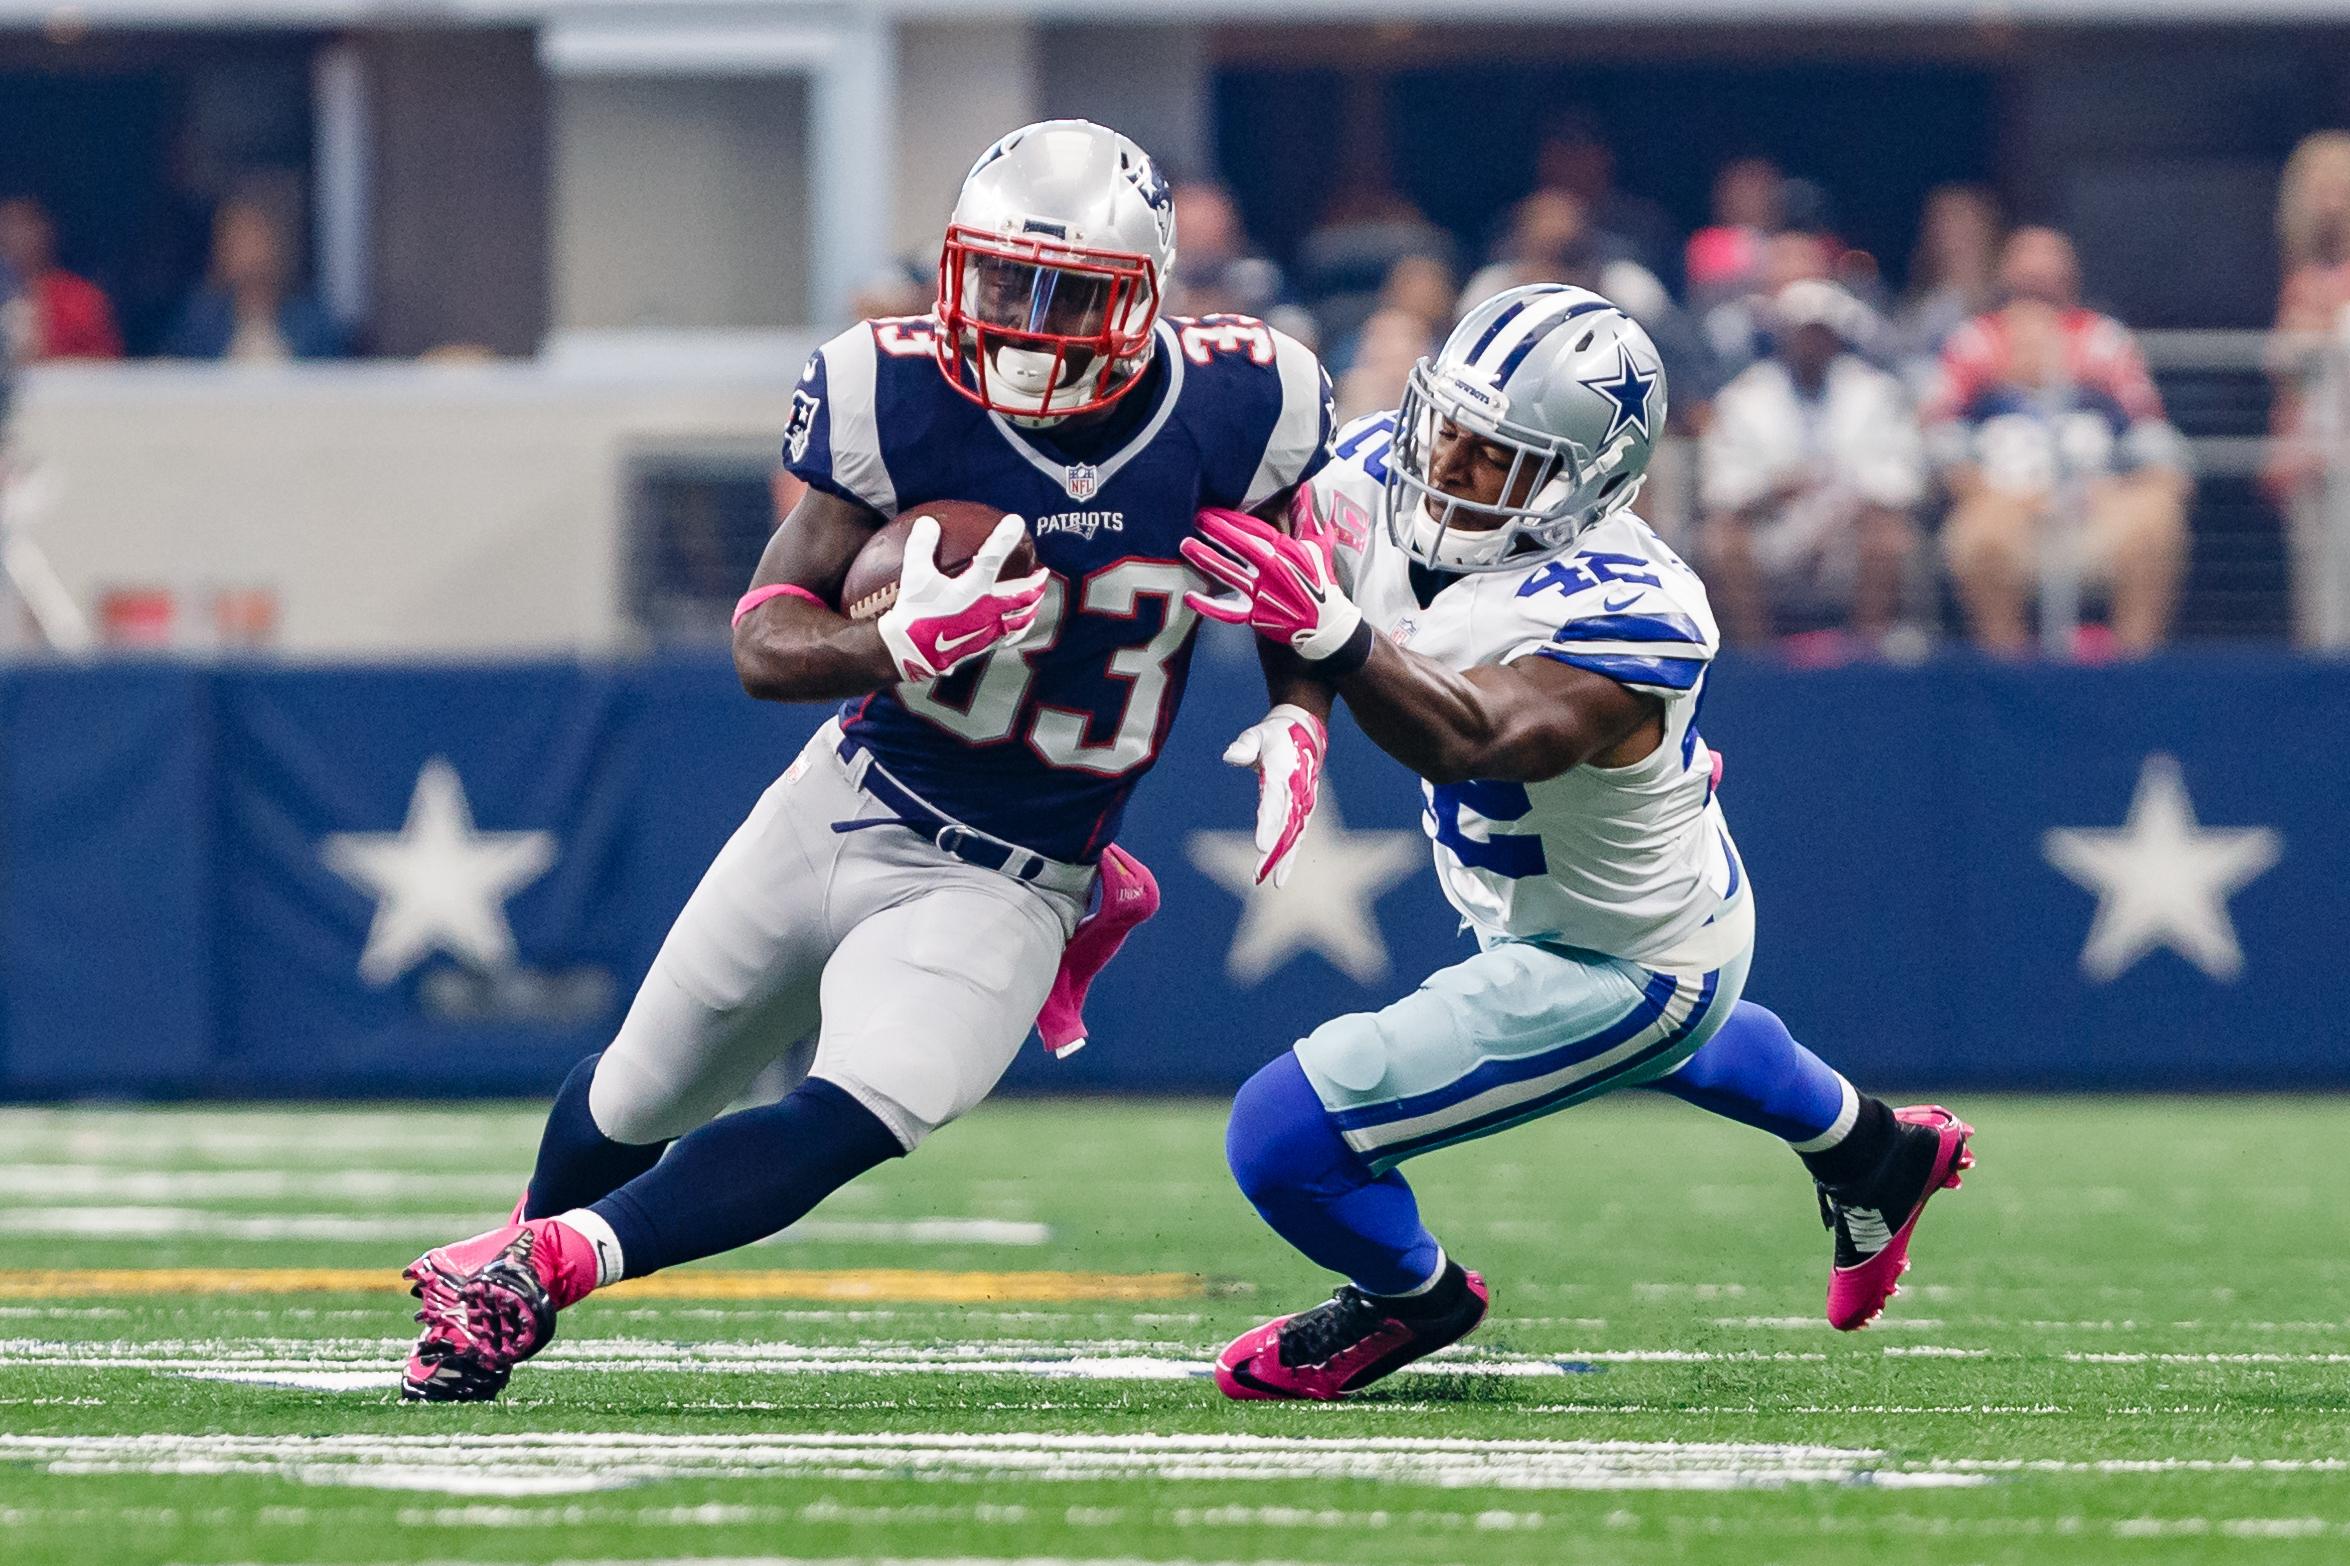 NFL: OCT 11 Patriots at Cowboys